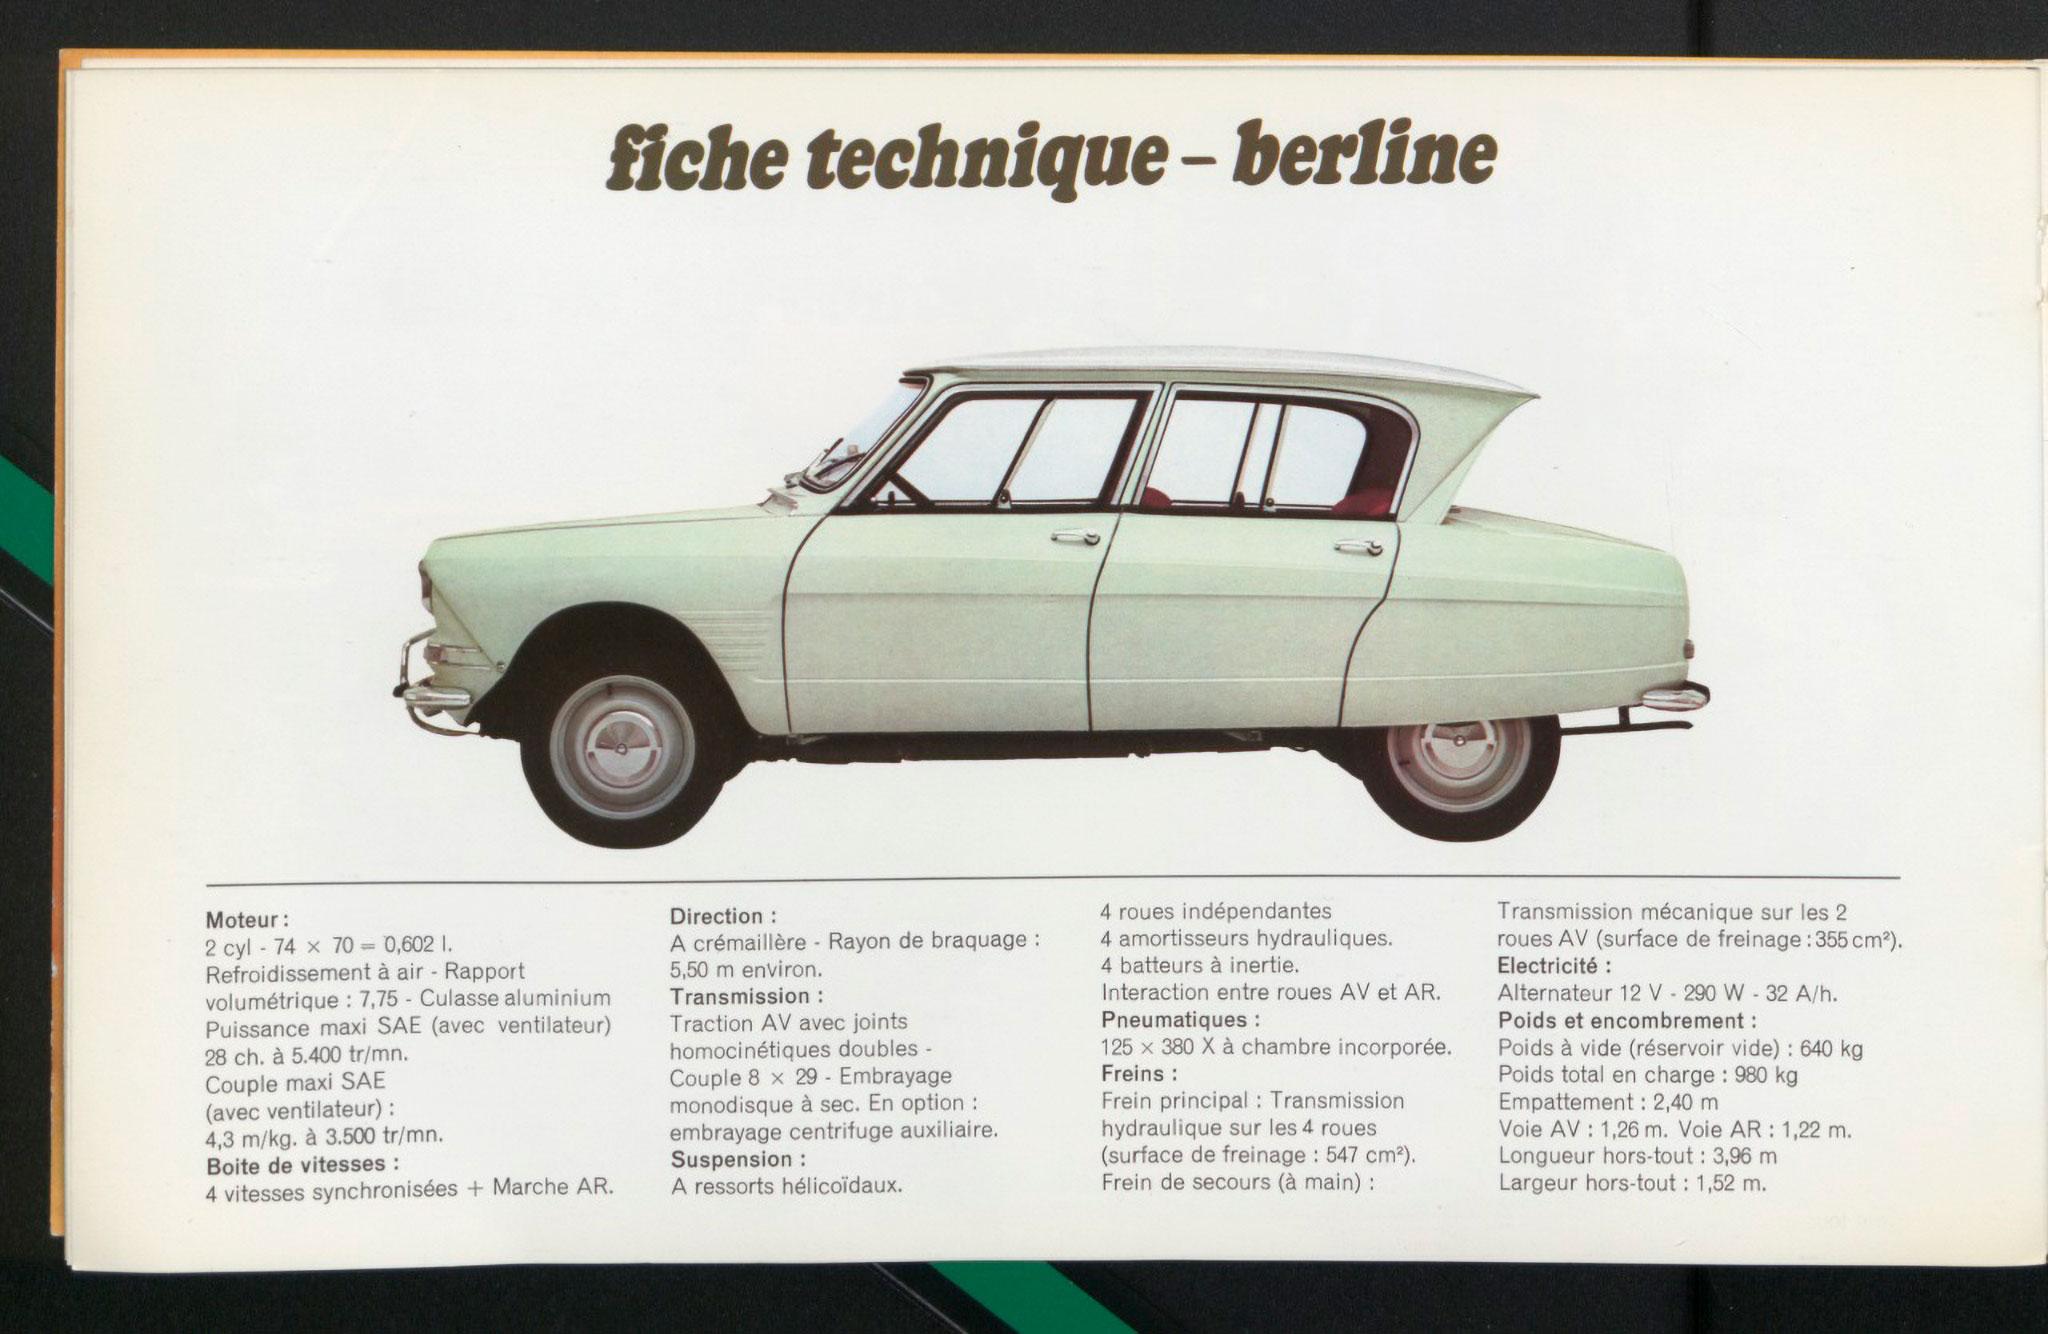 1961 Citroën AMI 6 Berline fiche technique.